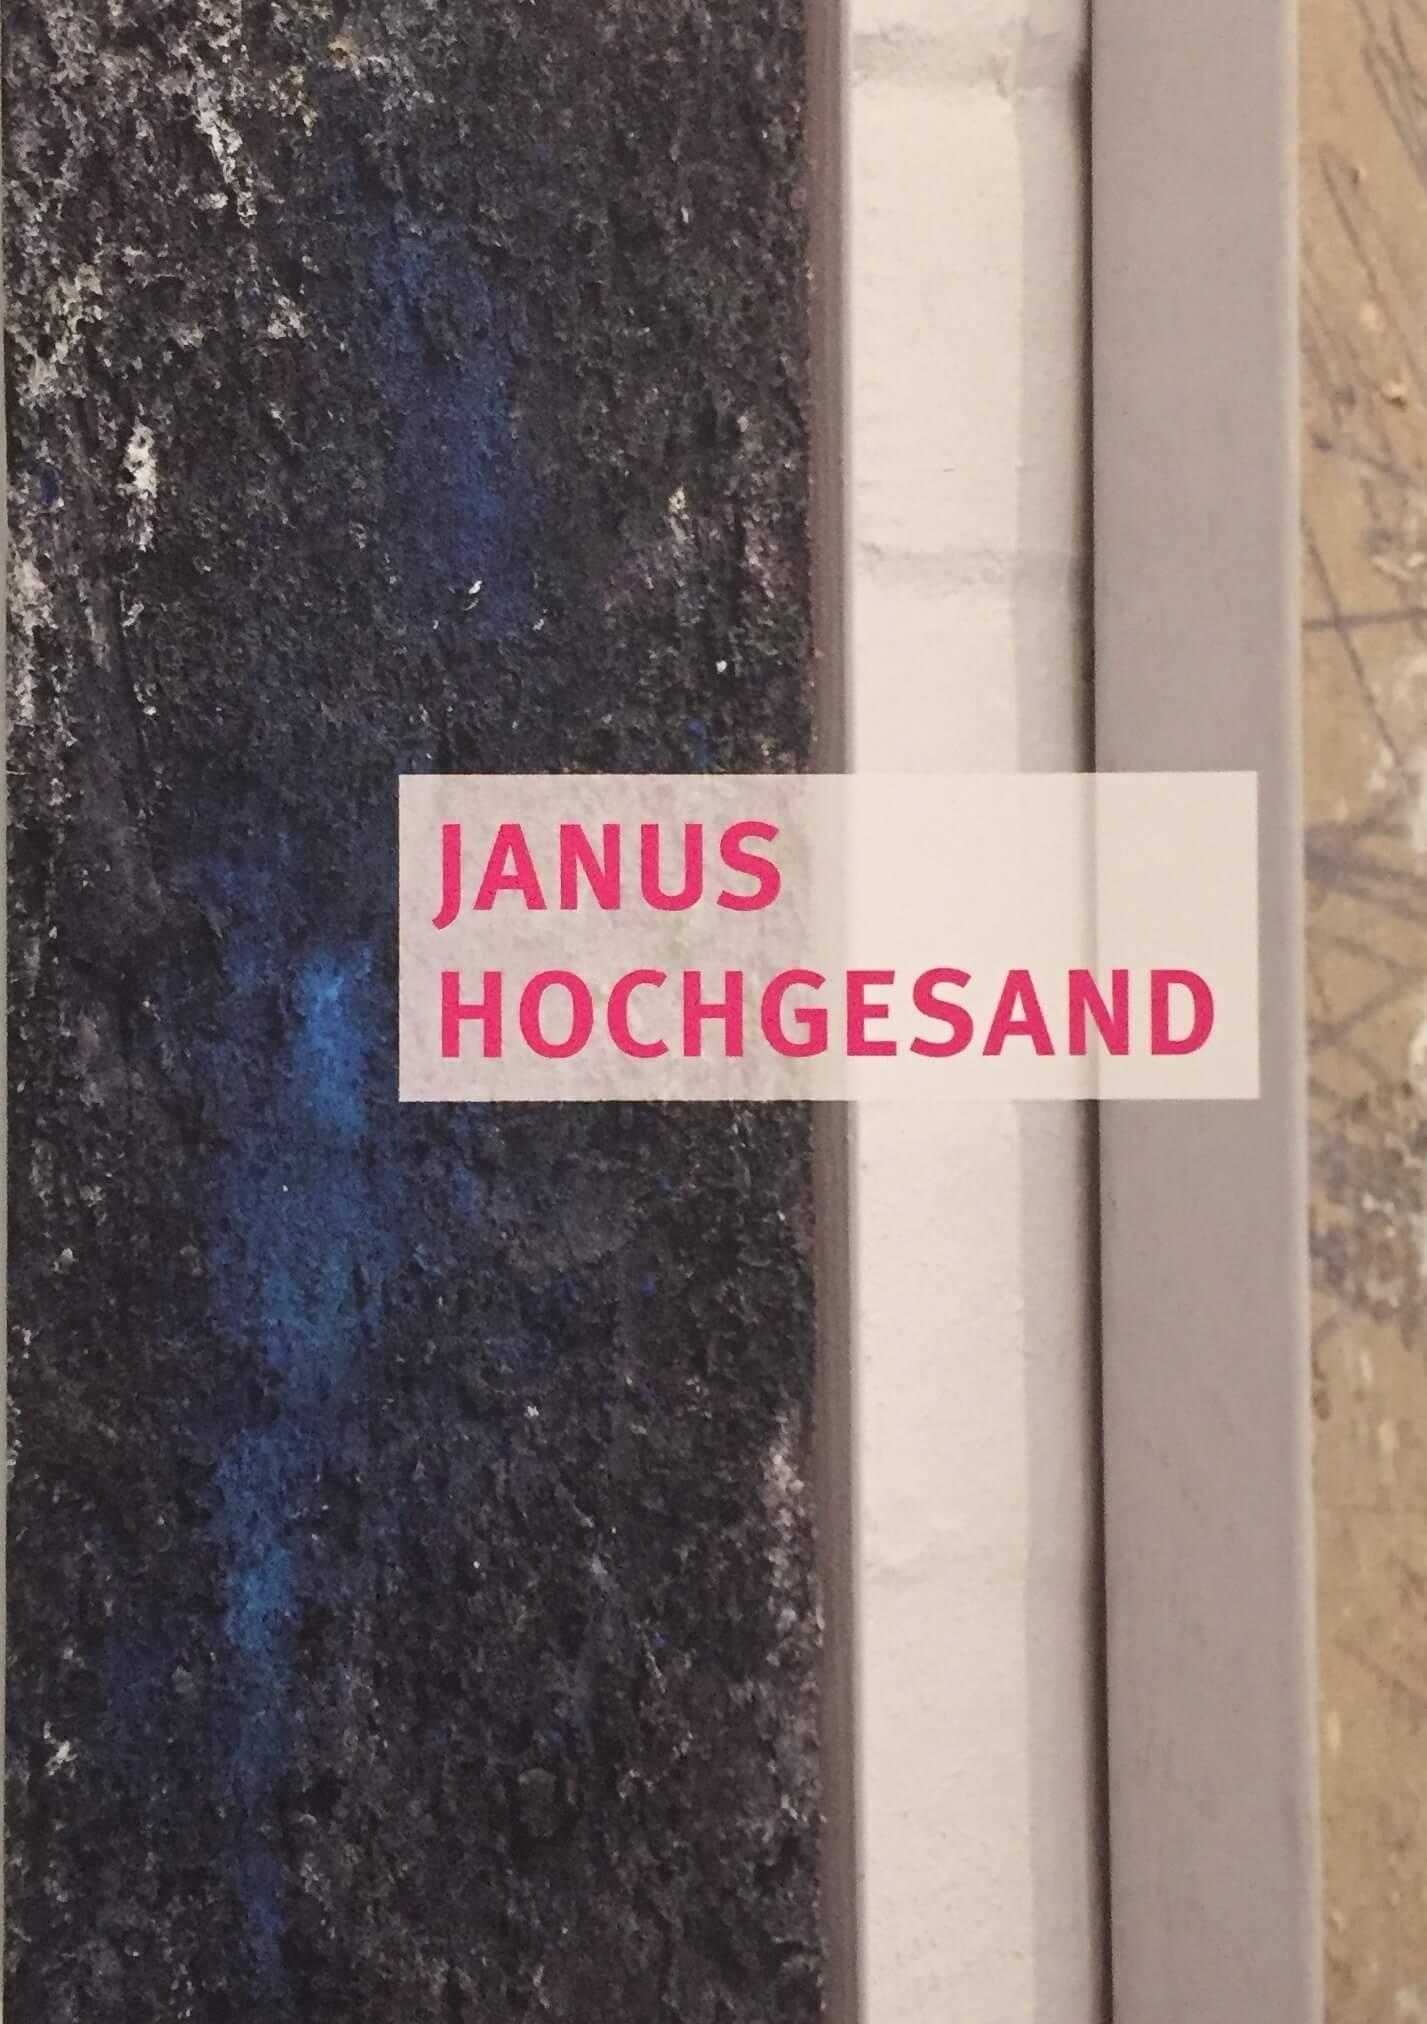 JANUS HOCHGESAND – HIGH INTENSITY PAINTING